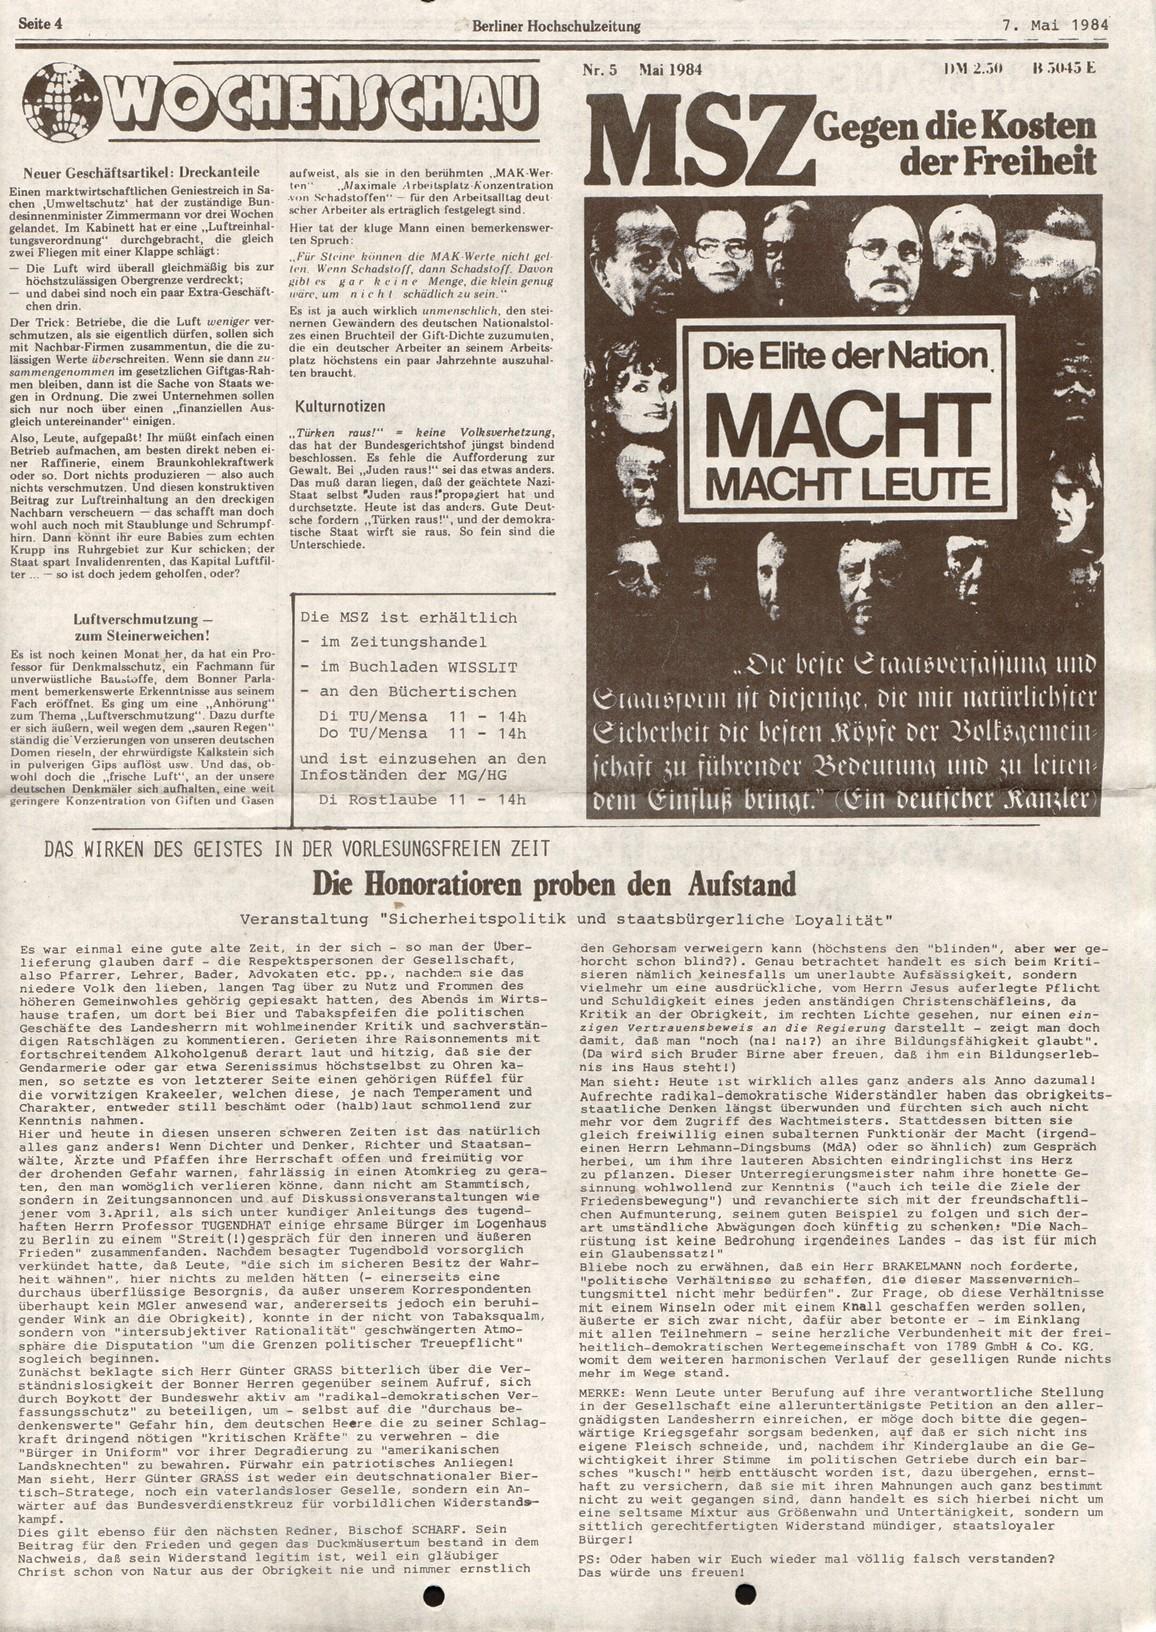 Berlin_MG_Hochschulzeitung_19840507_04